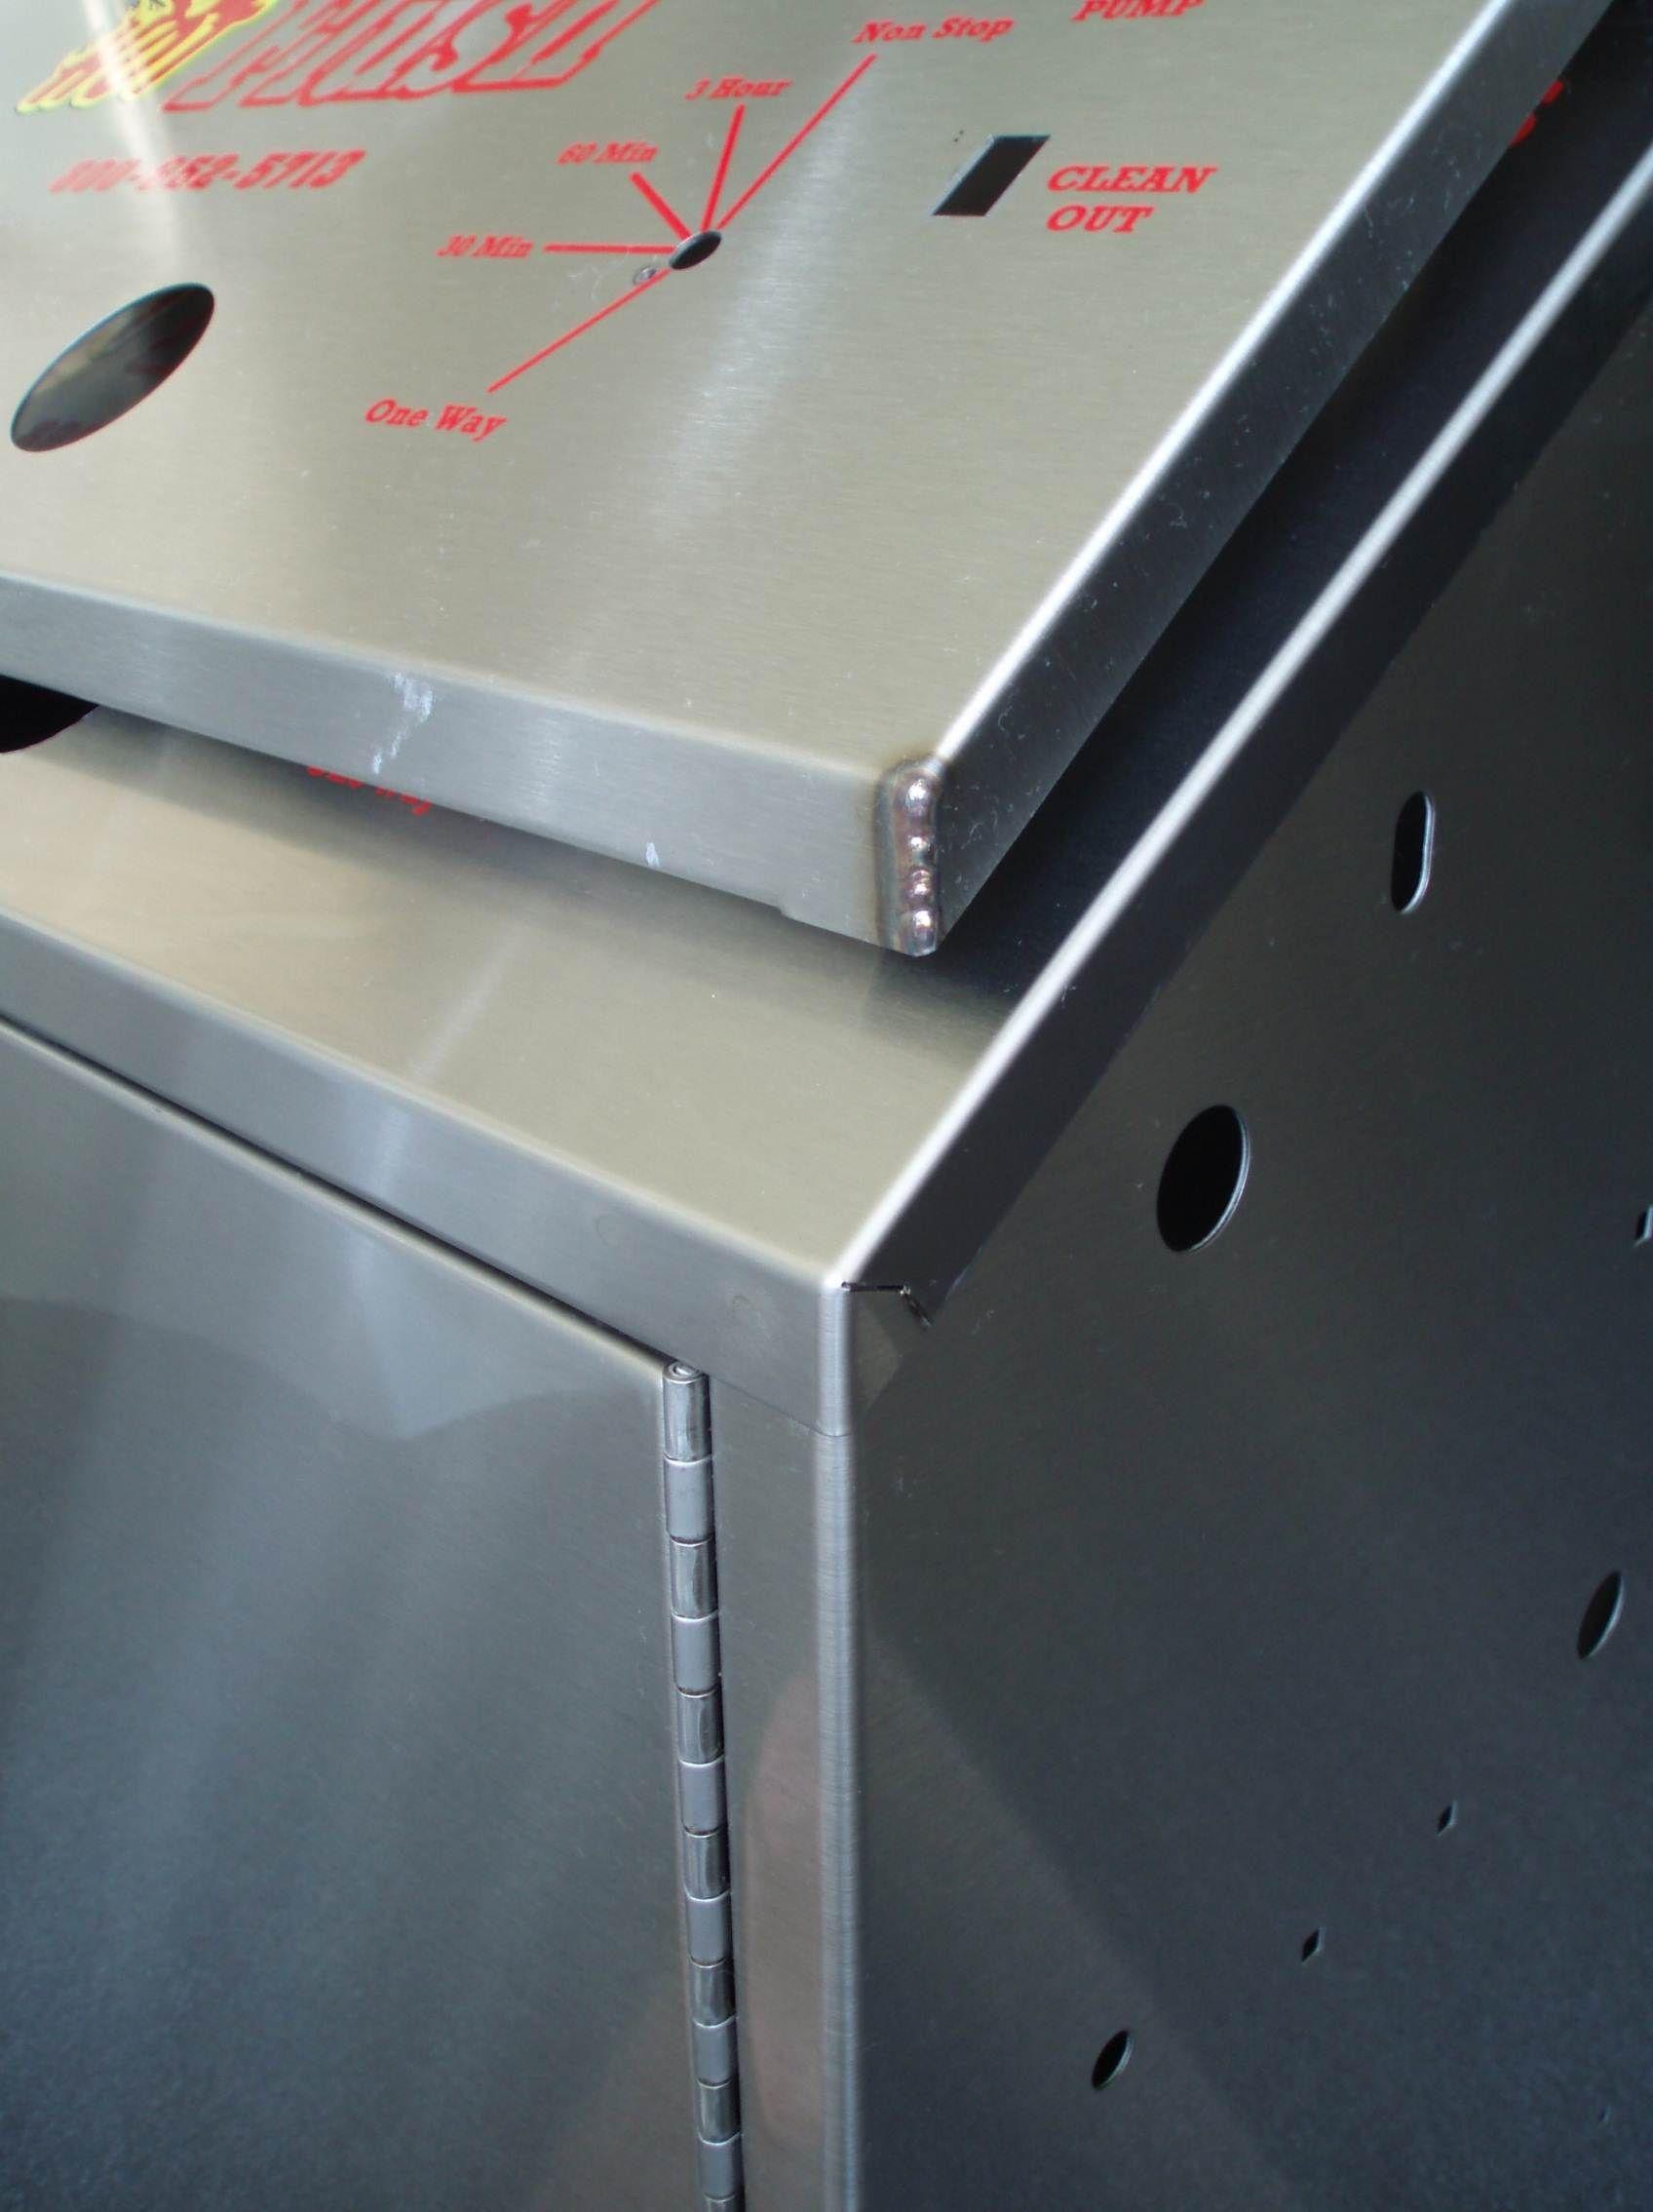 Automated Sheet Metal Panel Bending Sheet Metal Bending Manufacturers Dalsin Industries In Sheet Metal Fabrication Metal Furniture Design Sheet Metal Work